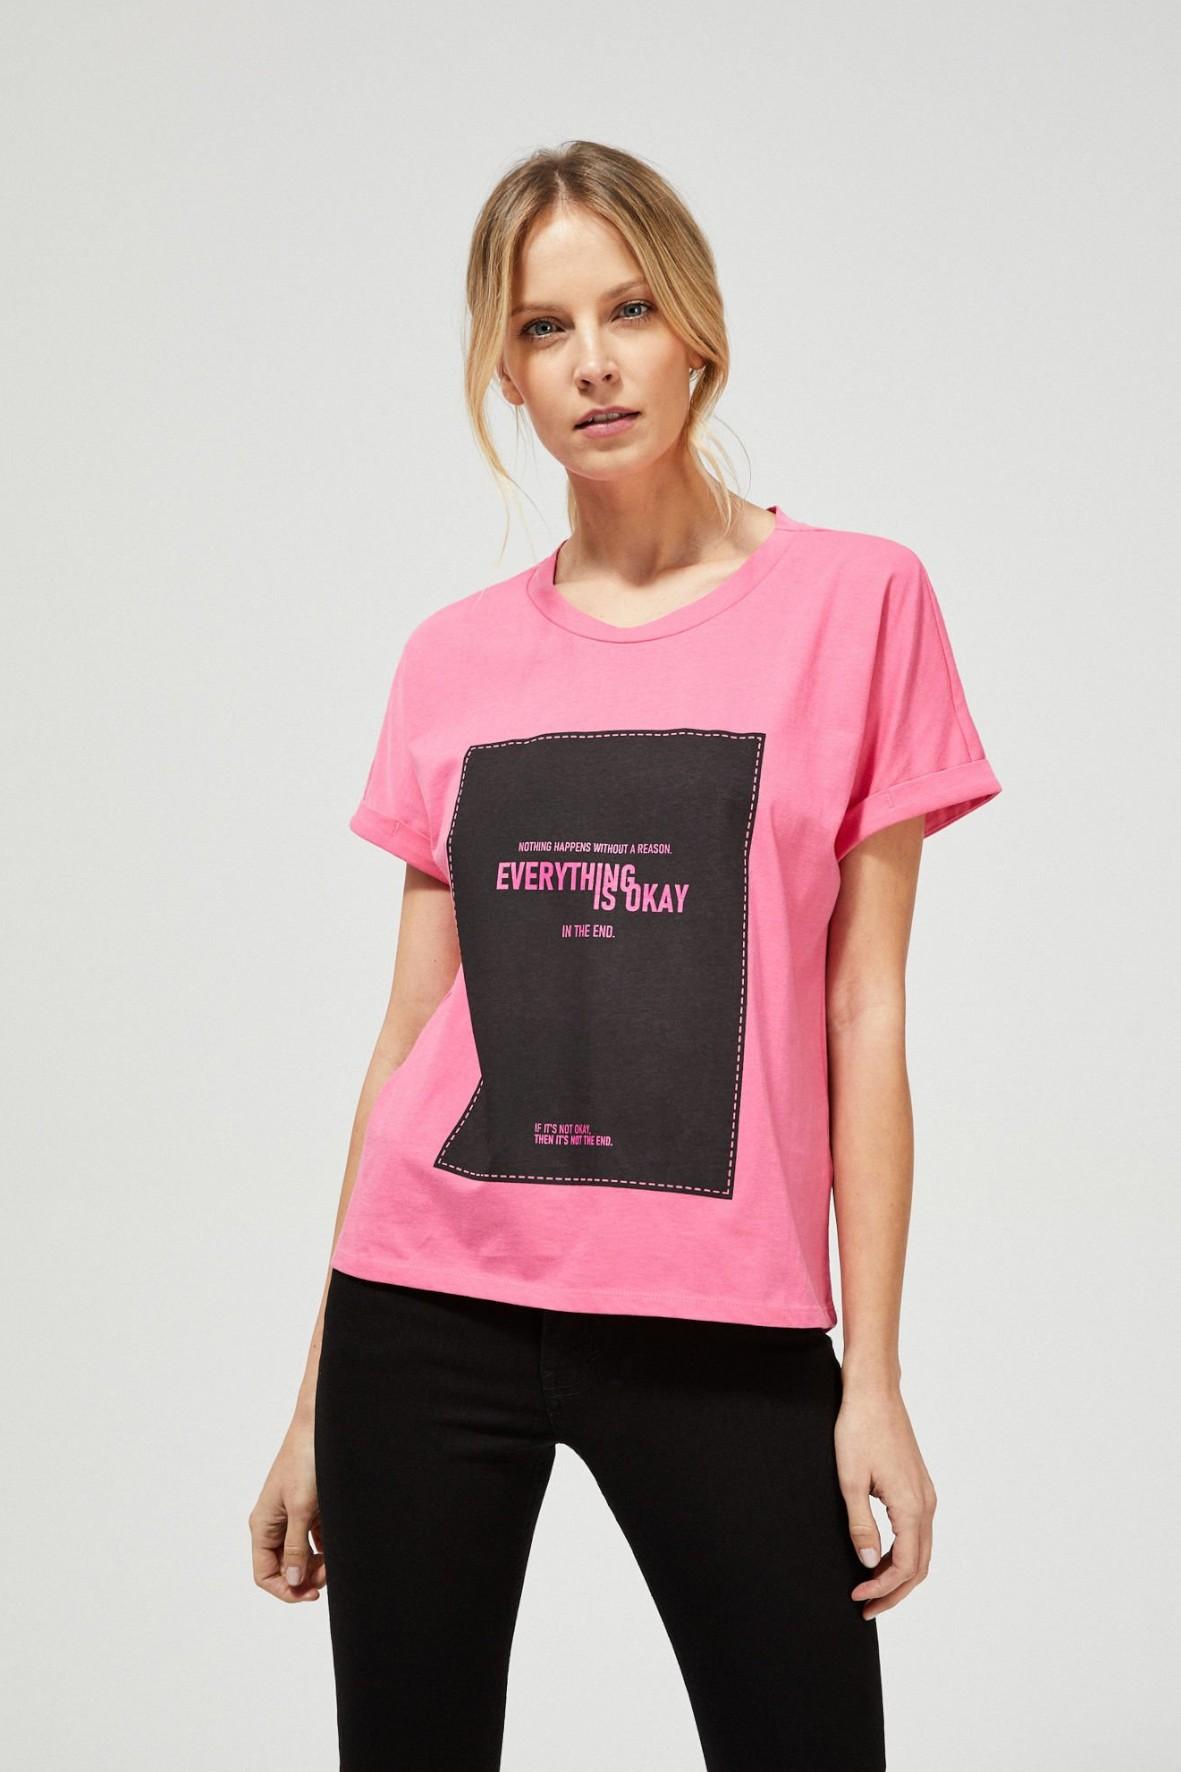 Bawełniany różowy T-shirt damski na krótki rękaw z napisami